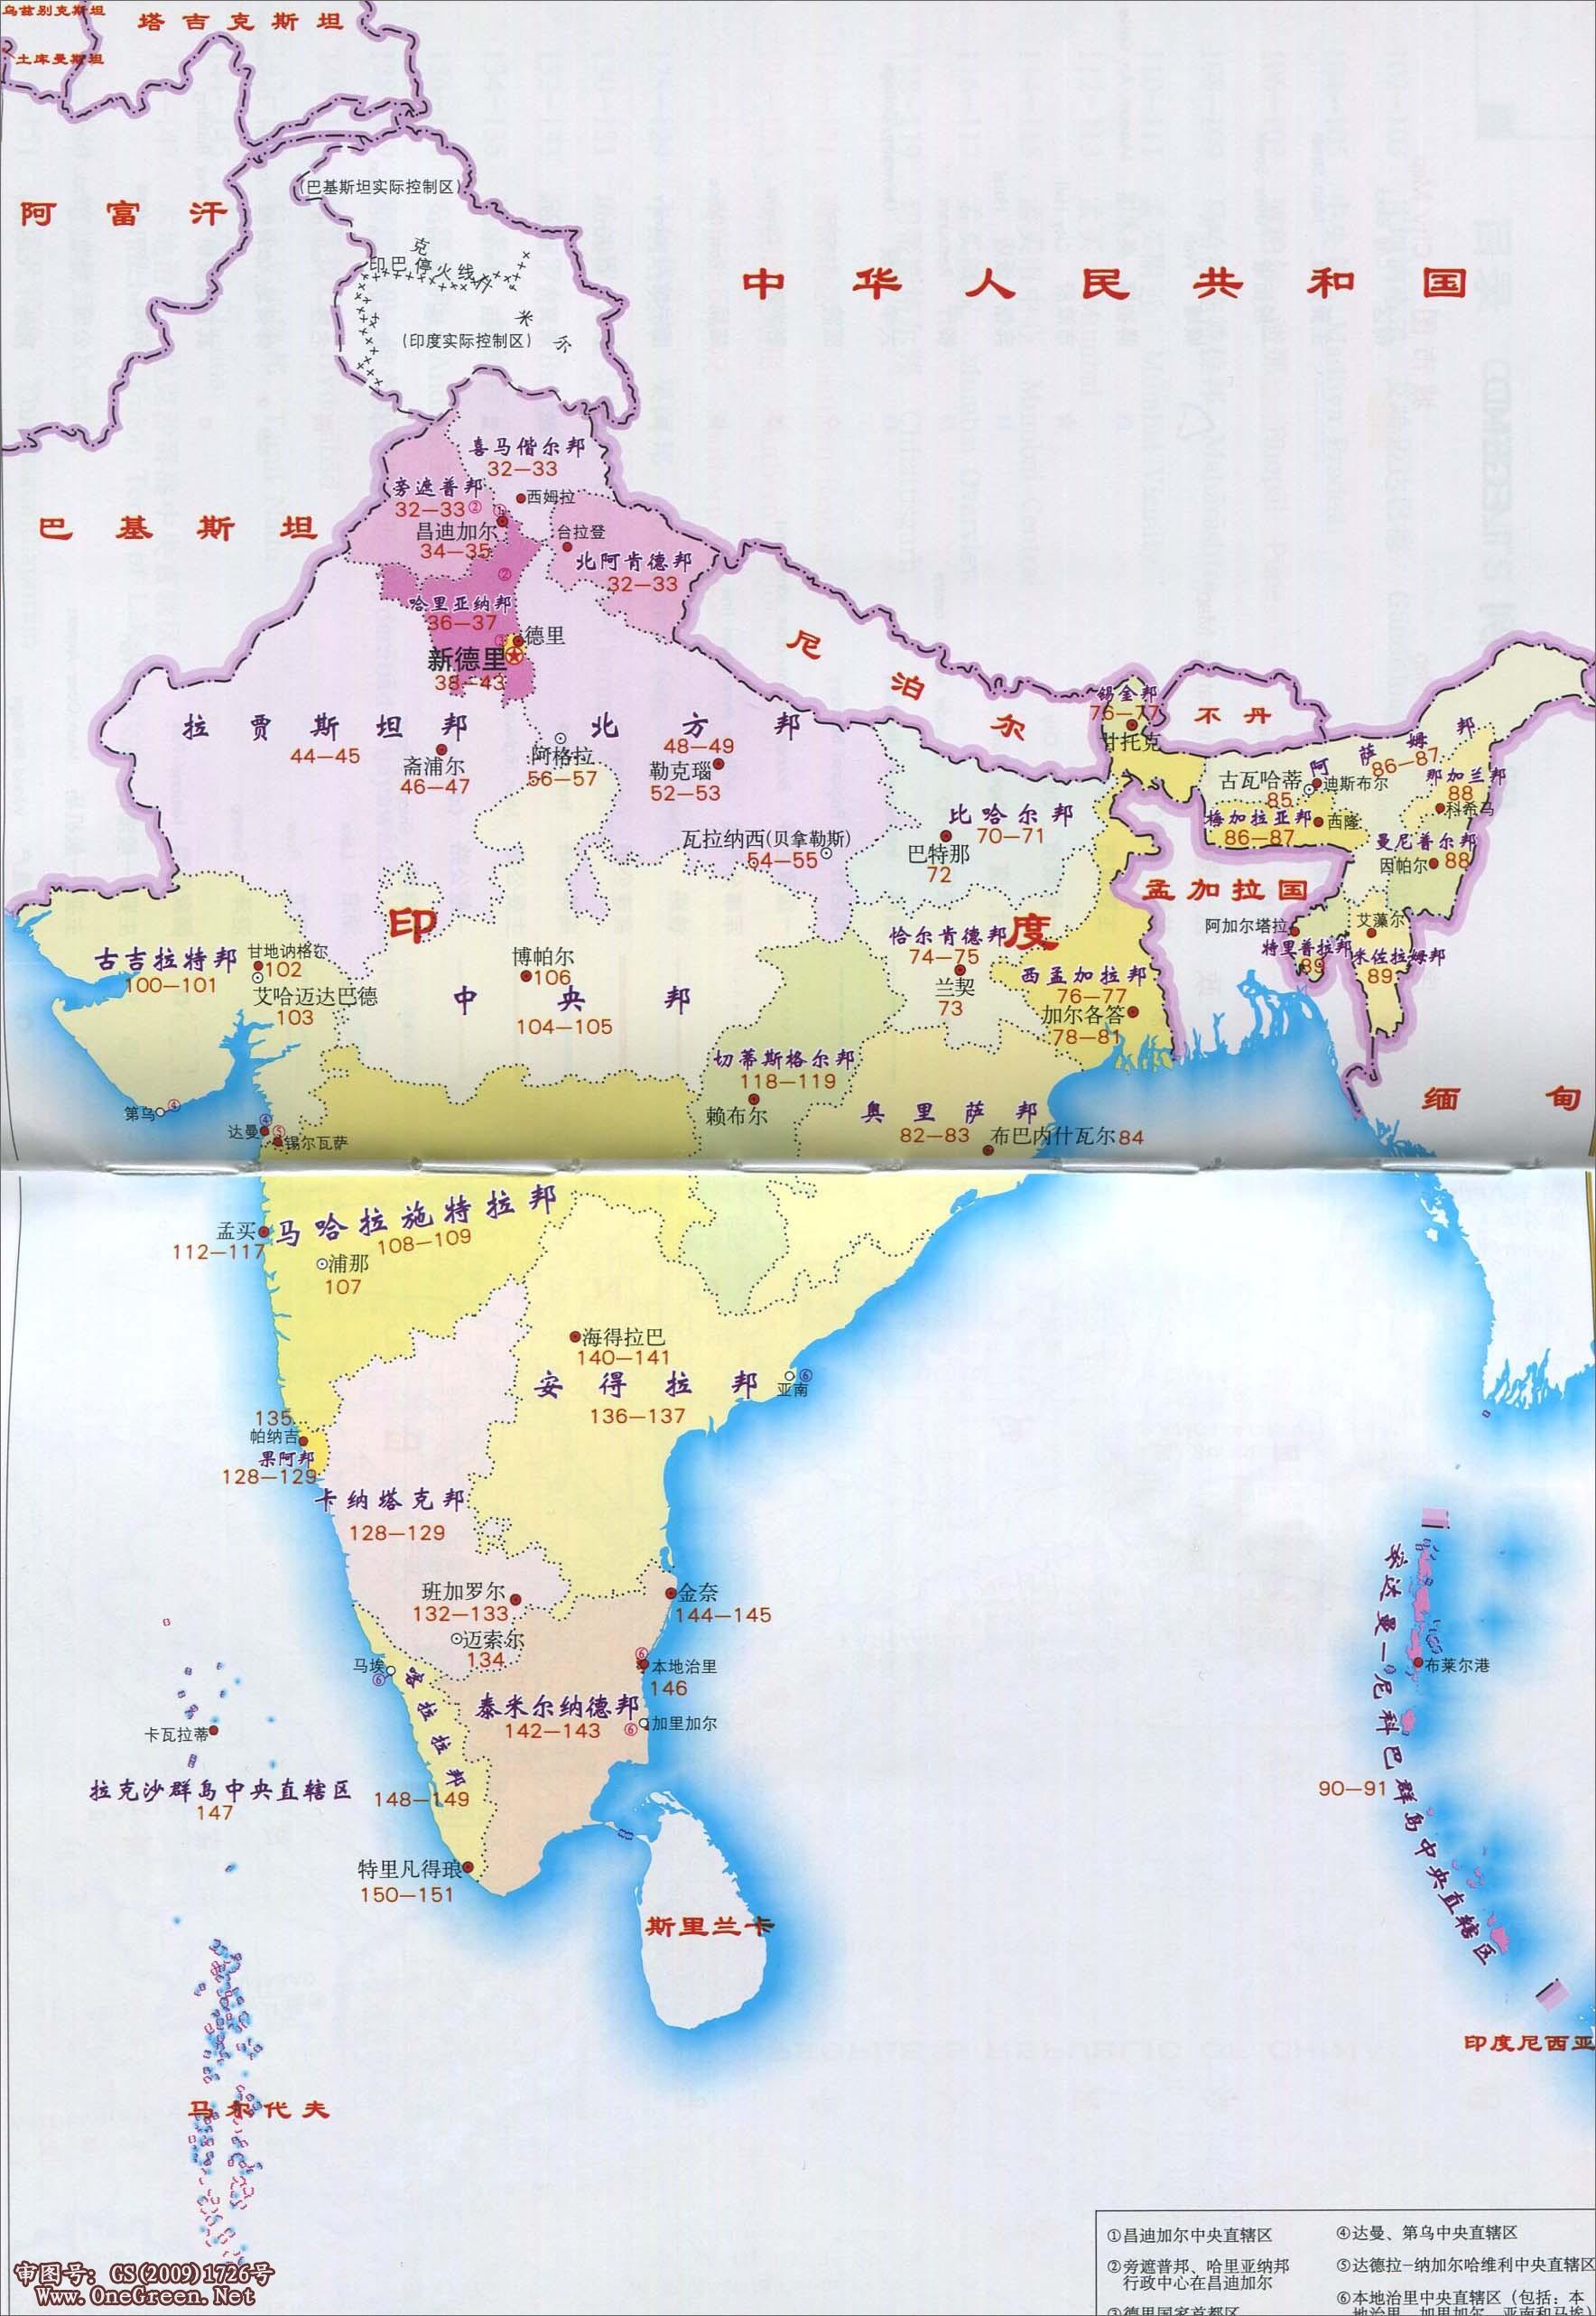 印度政区简图地图